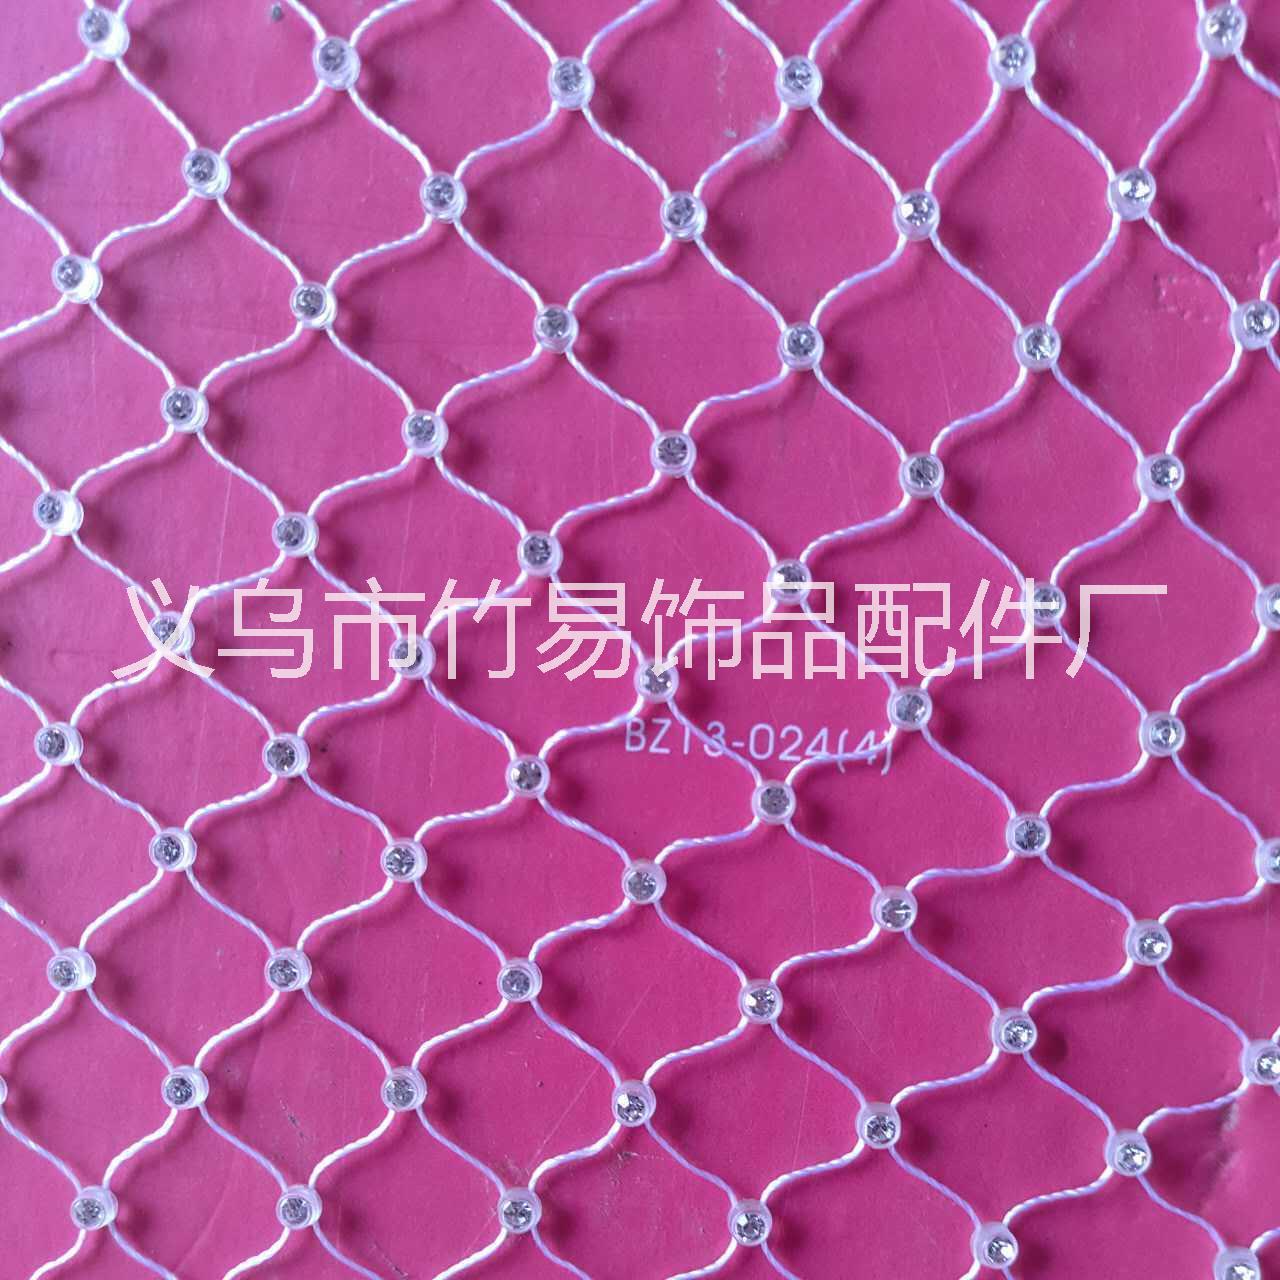 厂家直销 3.5MM单排线钻 33*32单粒渔网钻 8号尖底水钻饰品配件 3.5MM渔网线钻